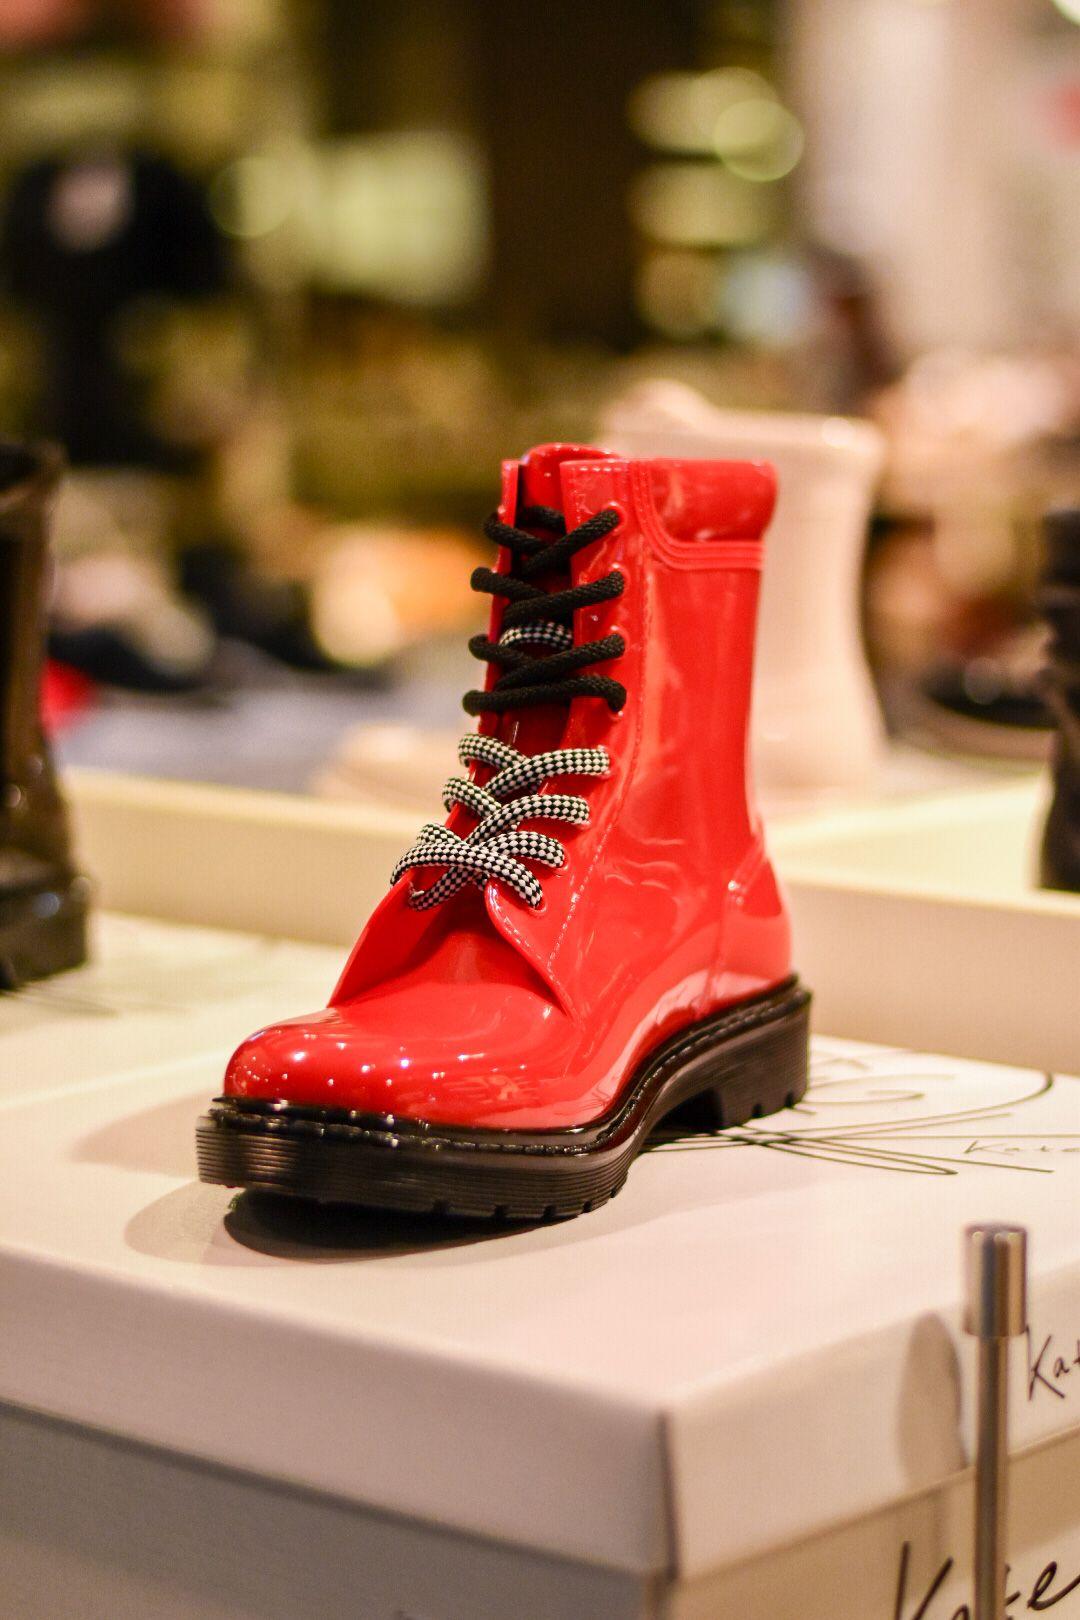 Този гръндж моден чифт сигурни обувки може да откриете в магазина на Humanic в Serdika Center